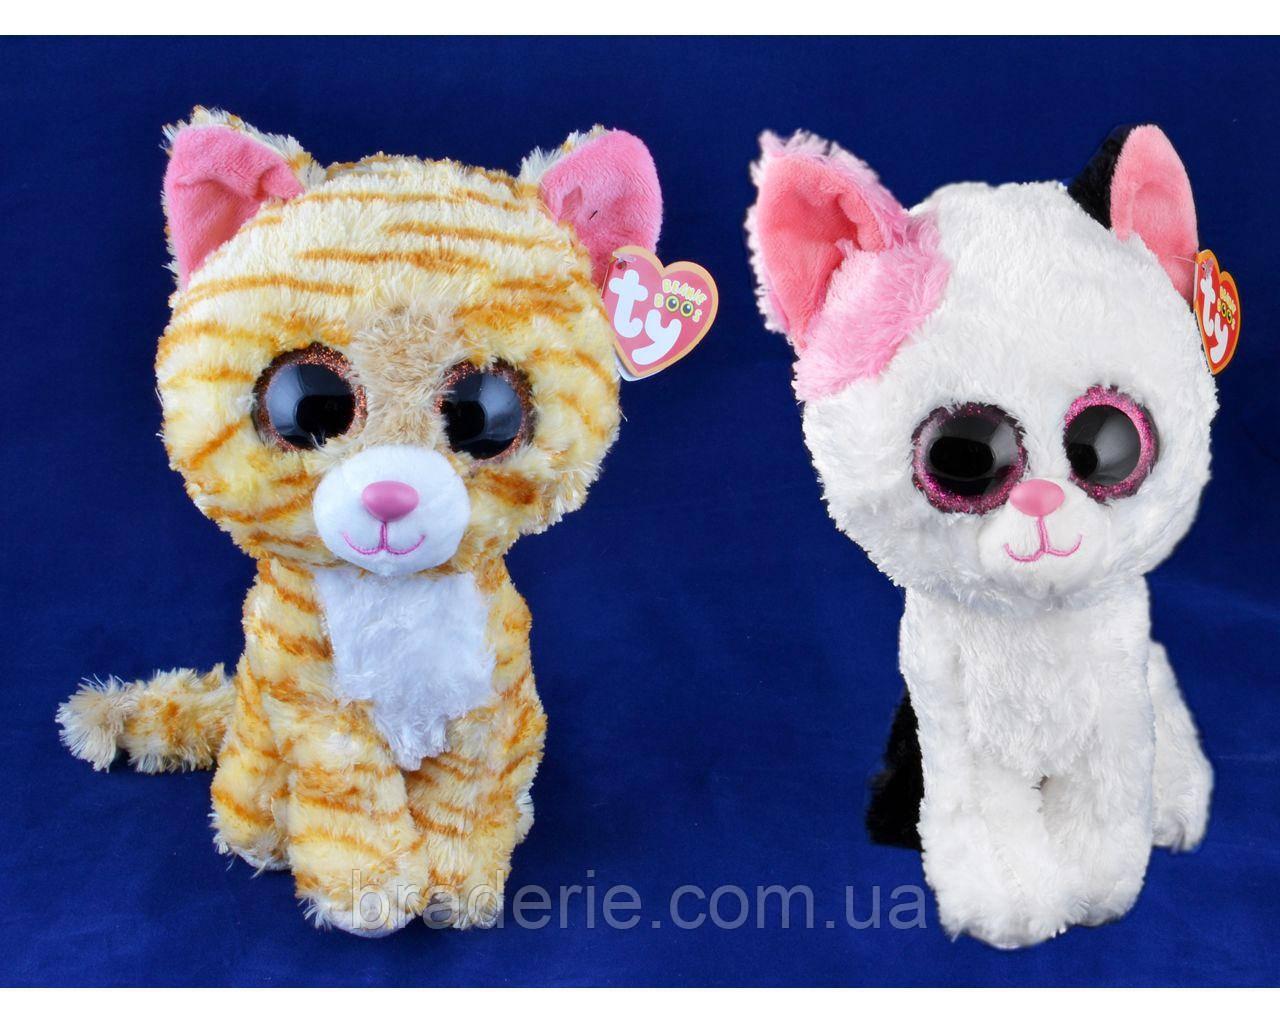 Мягкая игрушка Кот глазастый 96027 25 см